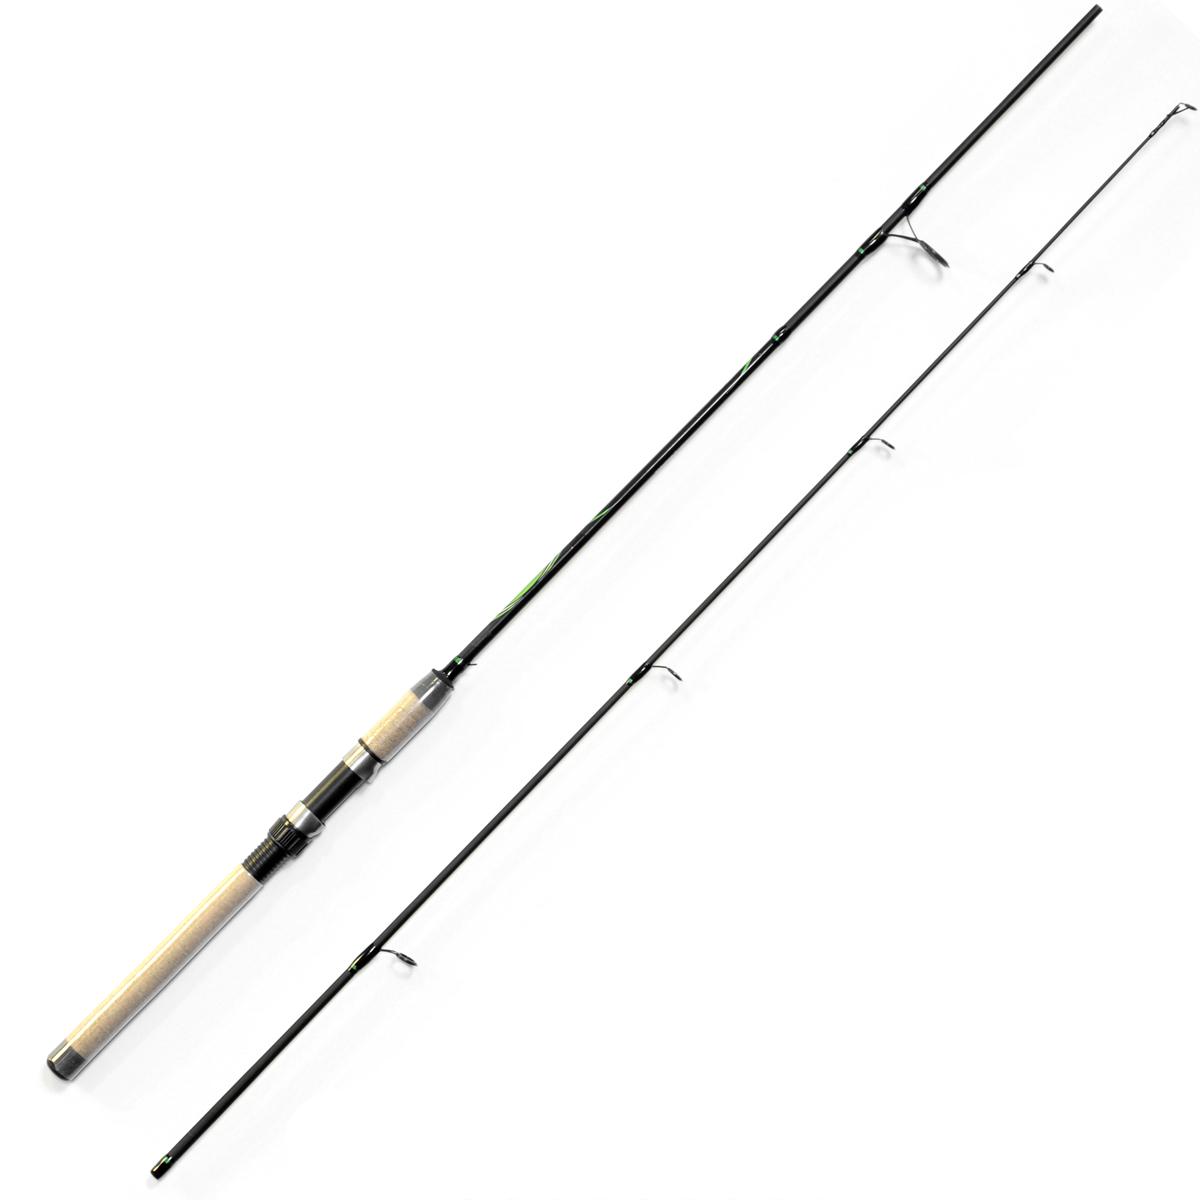 Спиннинг Salmo Sniper ULTRA SPIN 25 2.10, длина 2,1м, 5-25гPGPS7797CIS08GBNVУниверсальный спиннинг среднего строя из композита. Бланк имеет классическую расстановку колец со вставками SIC на одной ножке крепления, а самое большое – на двух, стык колен спиннинга произведен по типу OVER STEEK. Ручка имеет классический катушкодержатель с нижней гайкой крепления и пластиковый наконечник на торце.- Материал бланка удилища – композит- Строй бланка средний- Класс спиннинга M- Конструкция штекерная- Соединение колен типа OVER STEEK- Кольца пропускные:– усиленные– со вставками SIC– с расстановкой по классической концепции- Рукоятка: пробковая- Катушкодержатель:– винтового типа- Проволочная петля для закрепления приманок